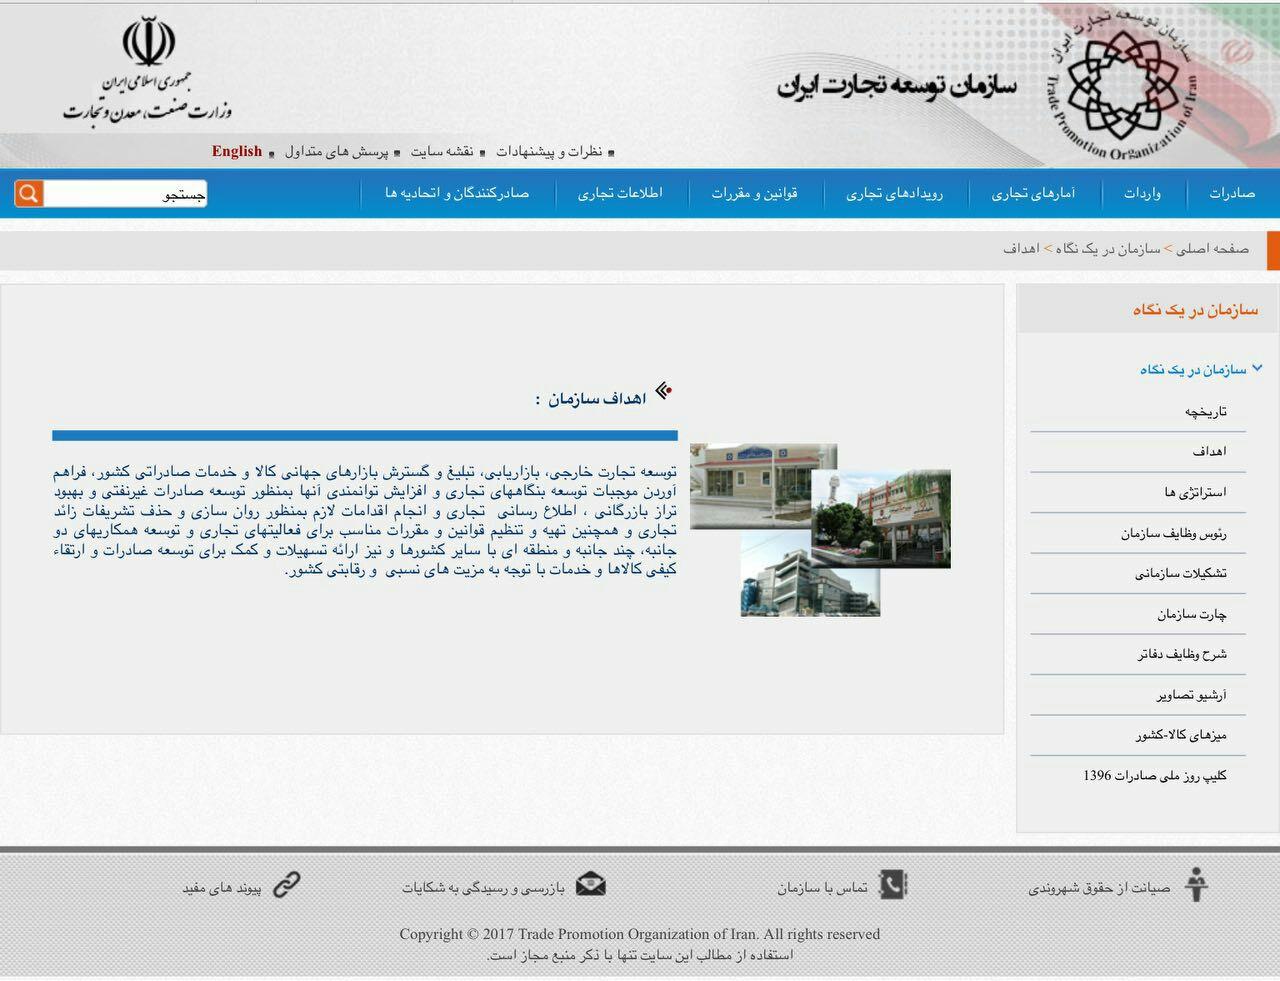 سامانه جامع توسعه تجارت ایران و صف های طولانی در دفتر مقررات صادرات و واردات